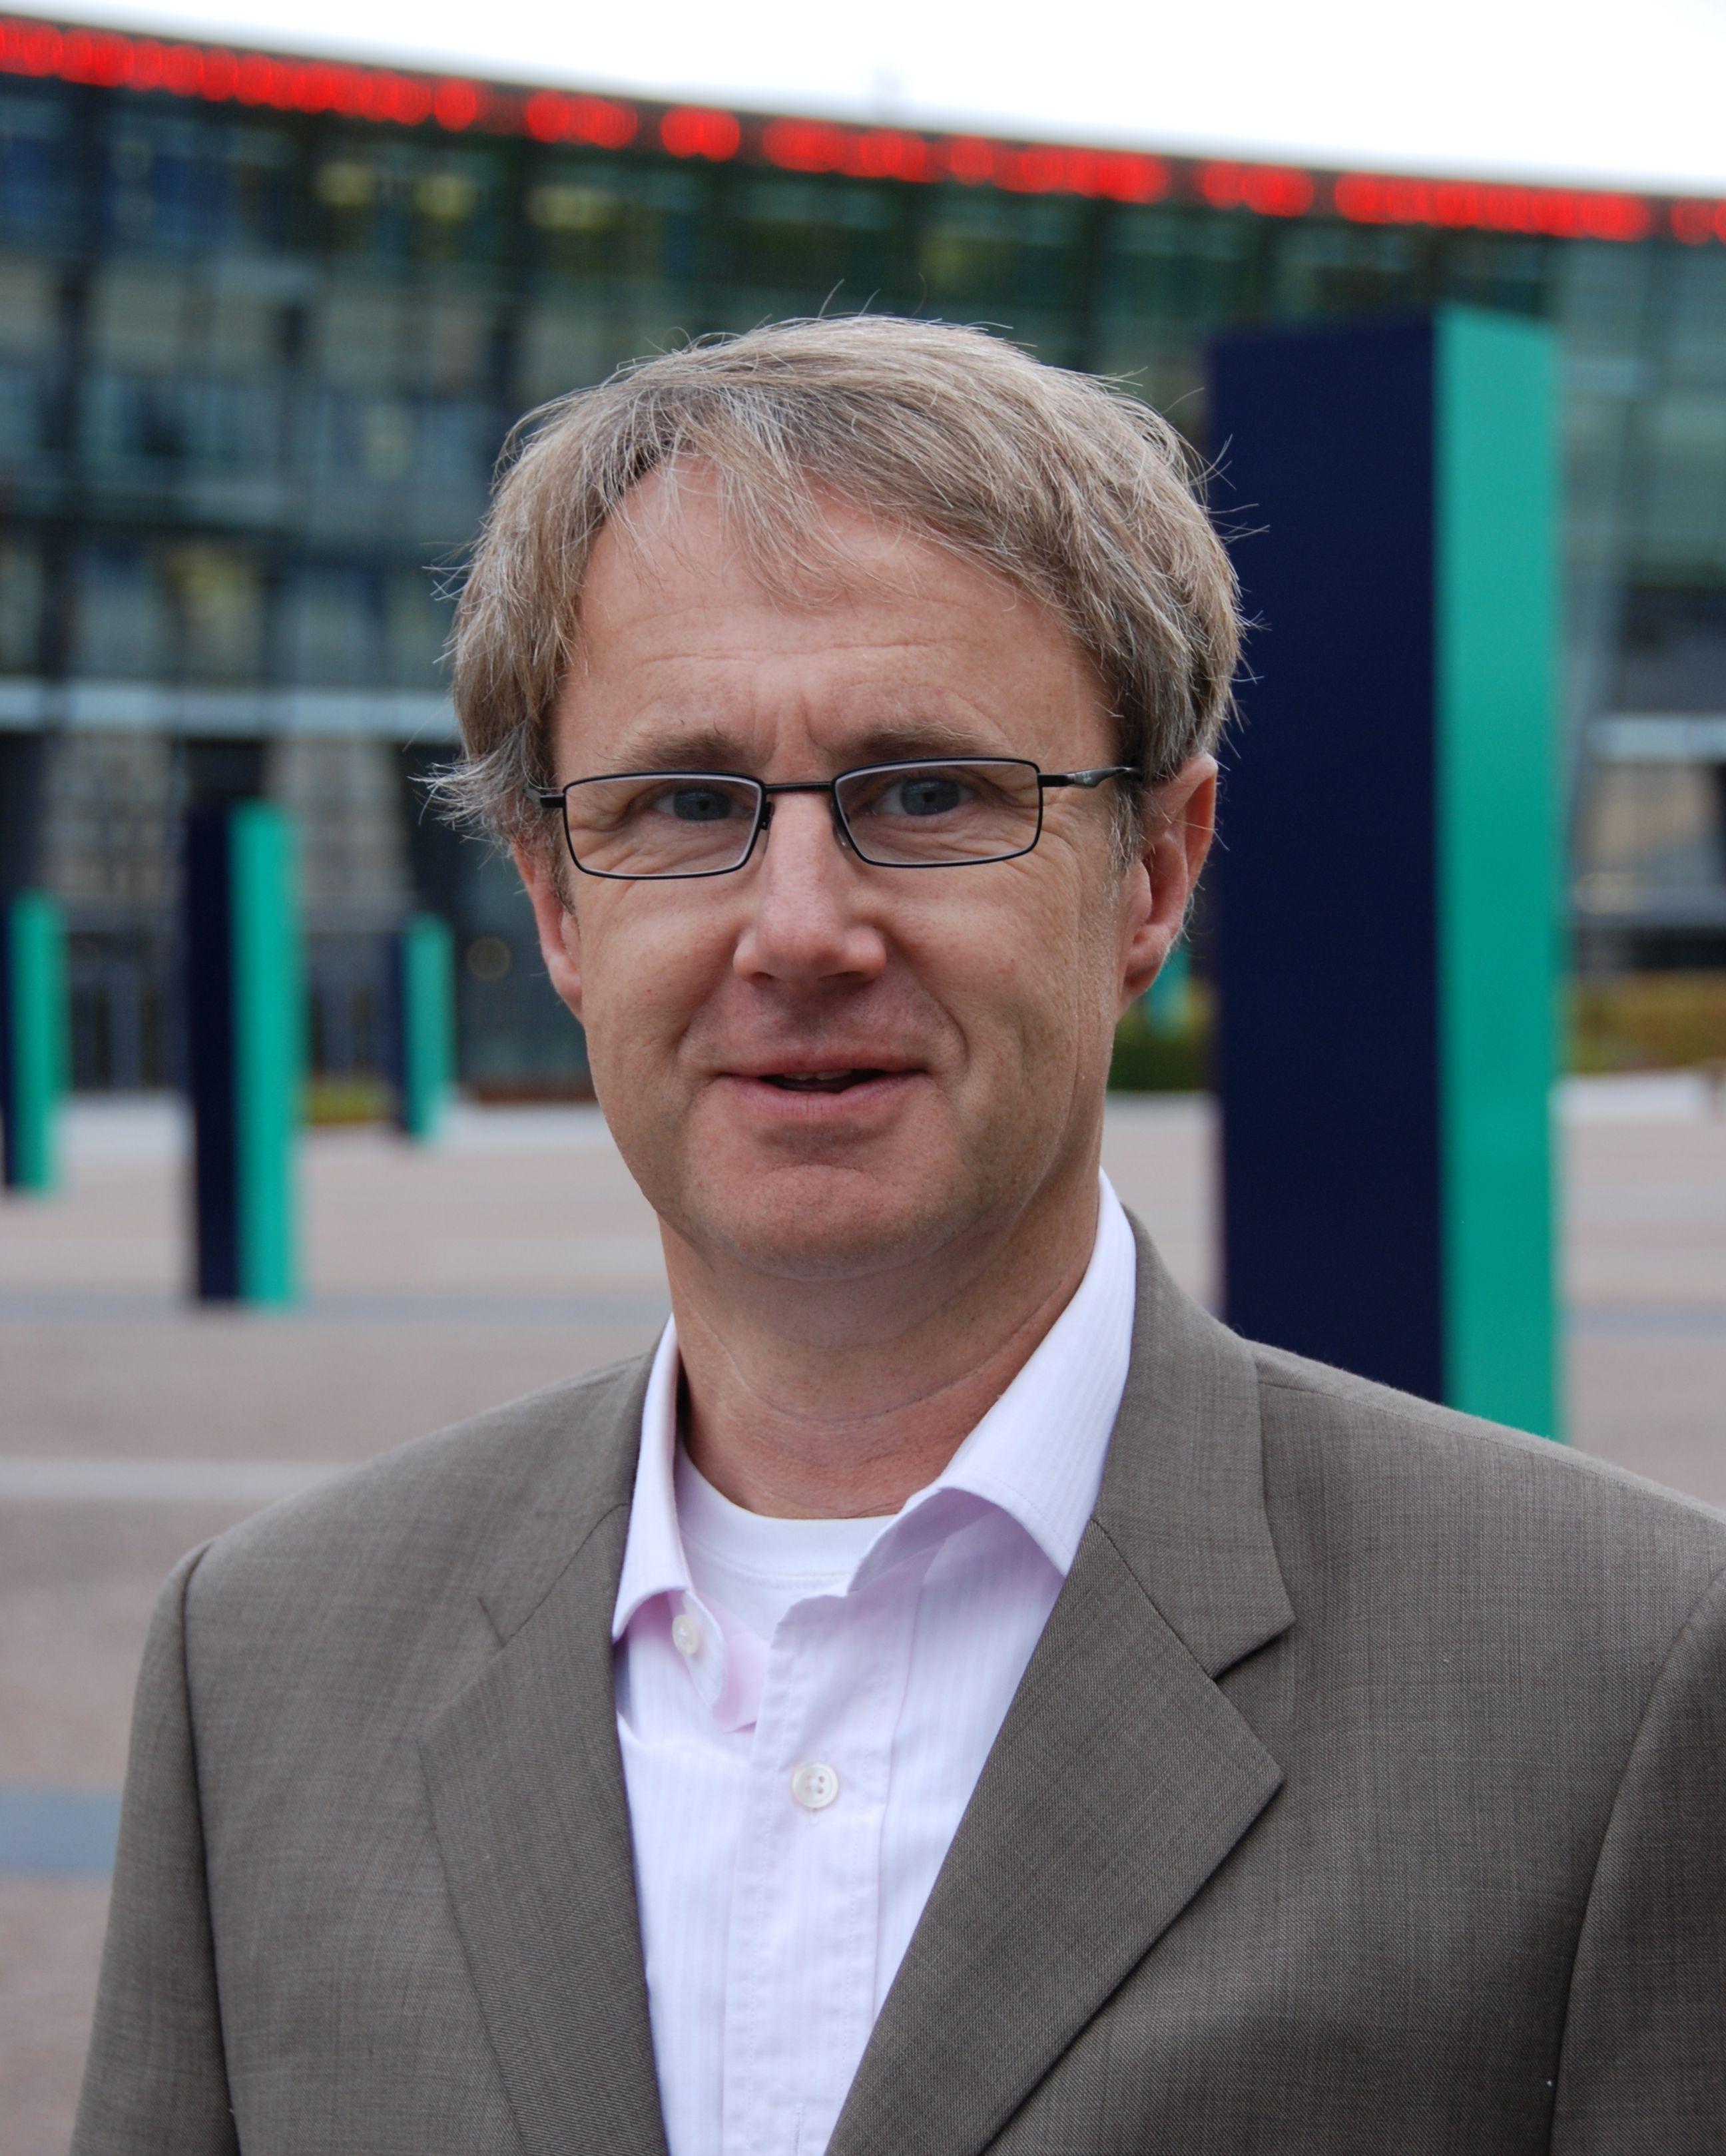 Dekningsdirektør Bjørn Amundsen i Telenor sier det er for mange ulike 4G-teknologier i bruk til at Telenor kan garantere 4G for telefoner de ikke har solgt selv.